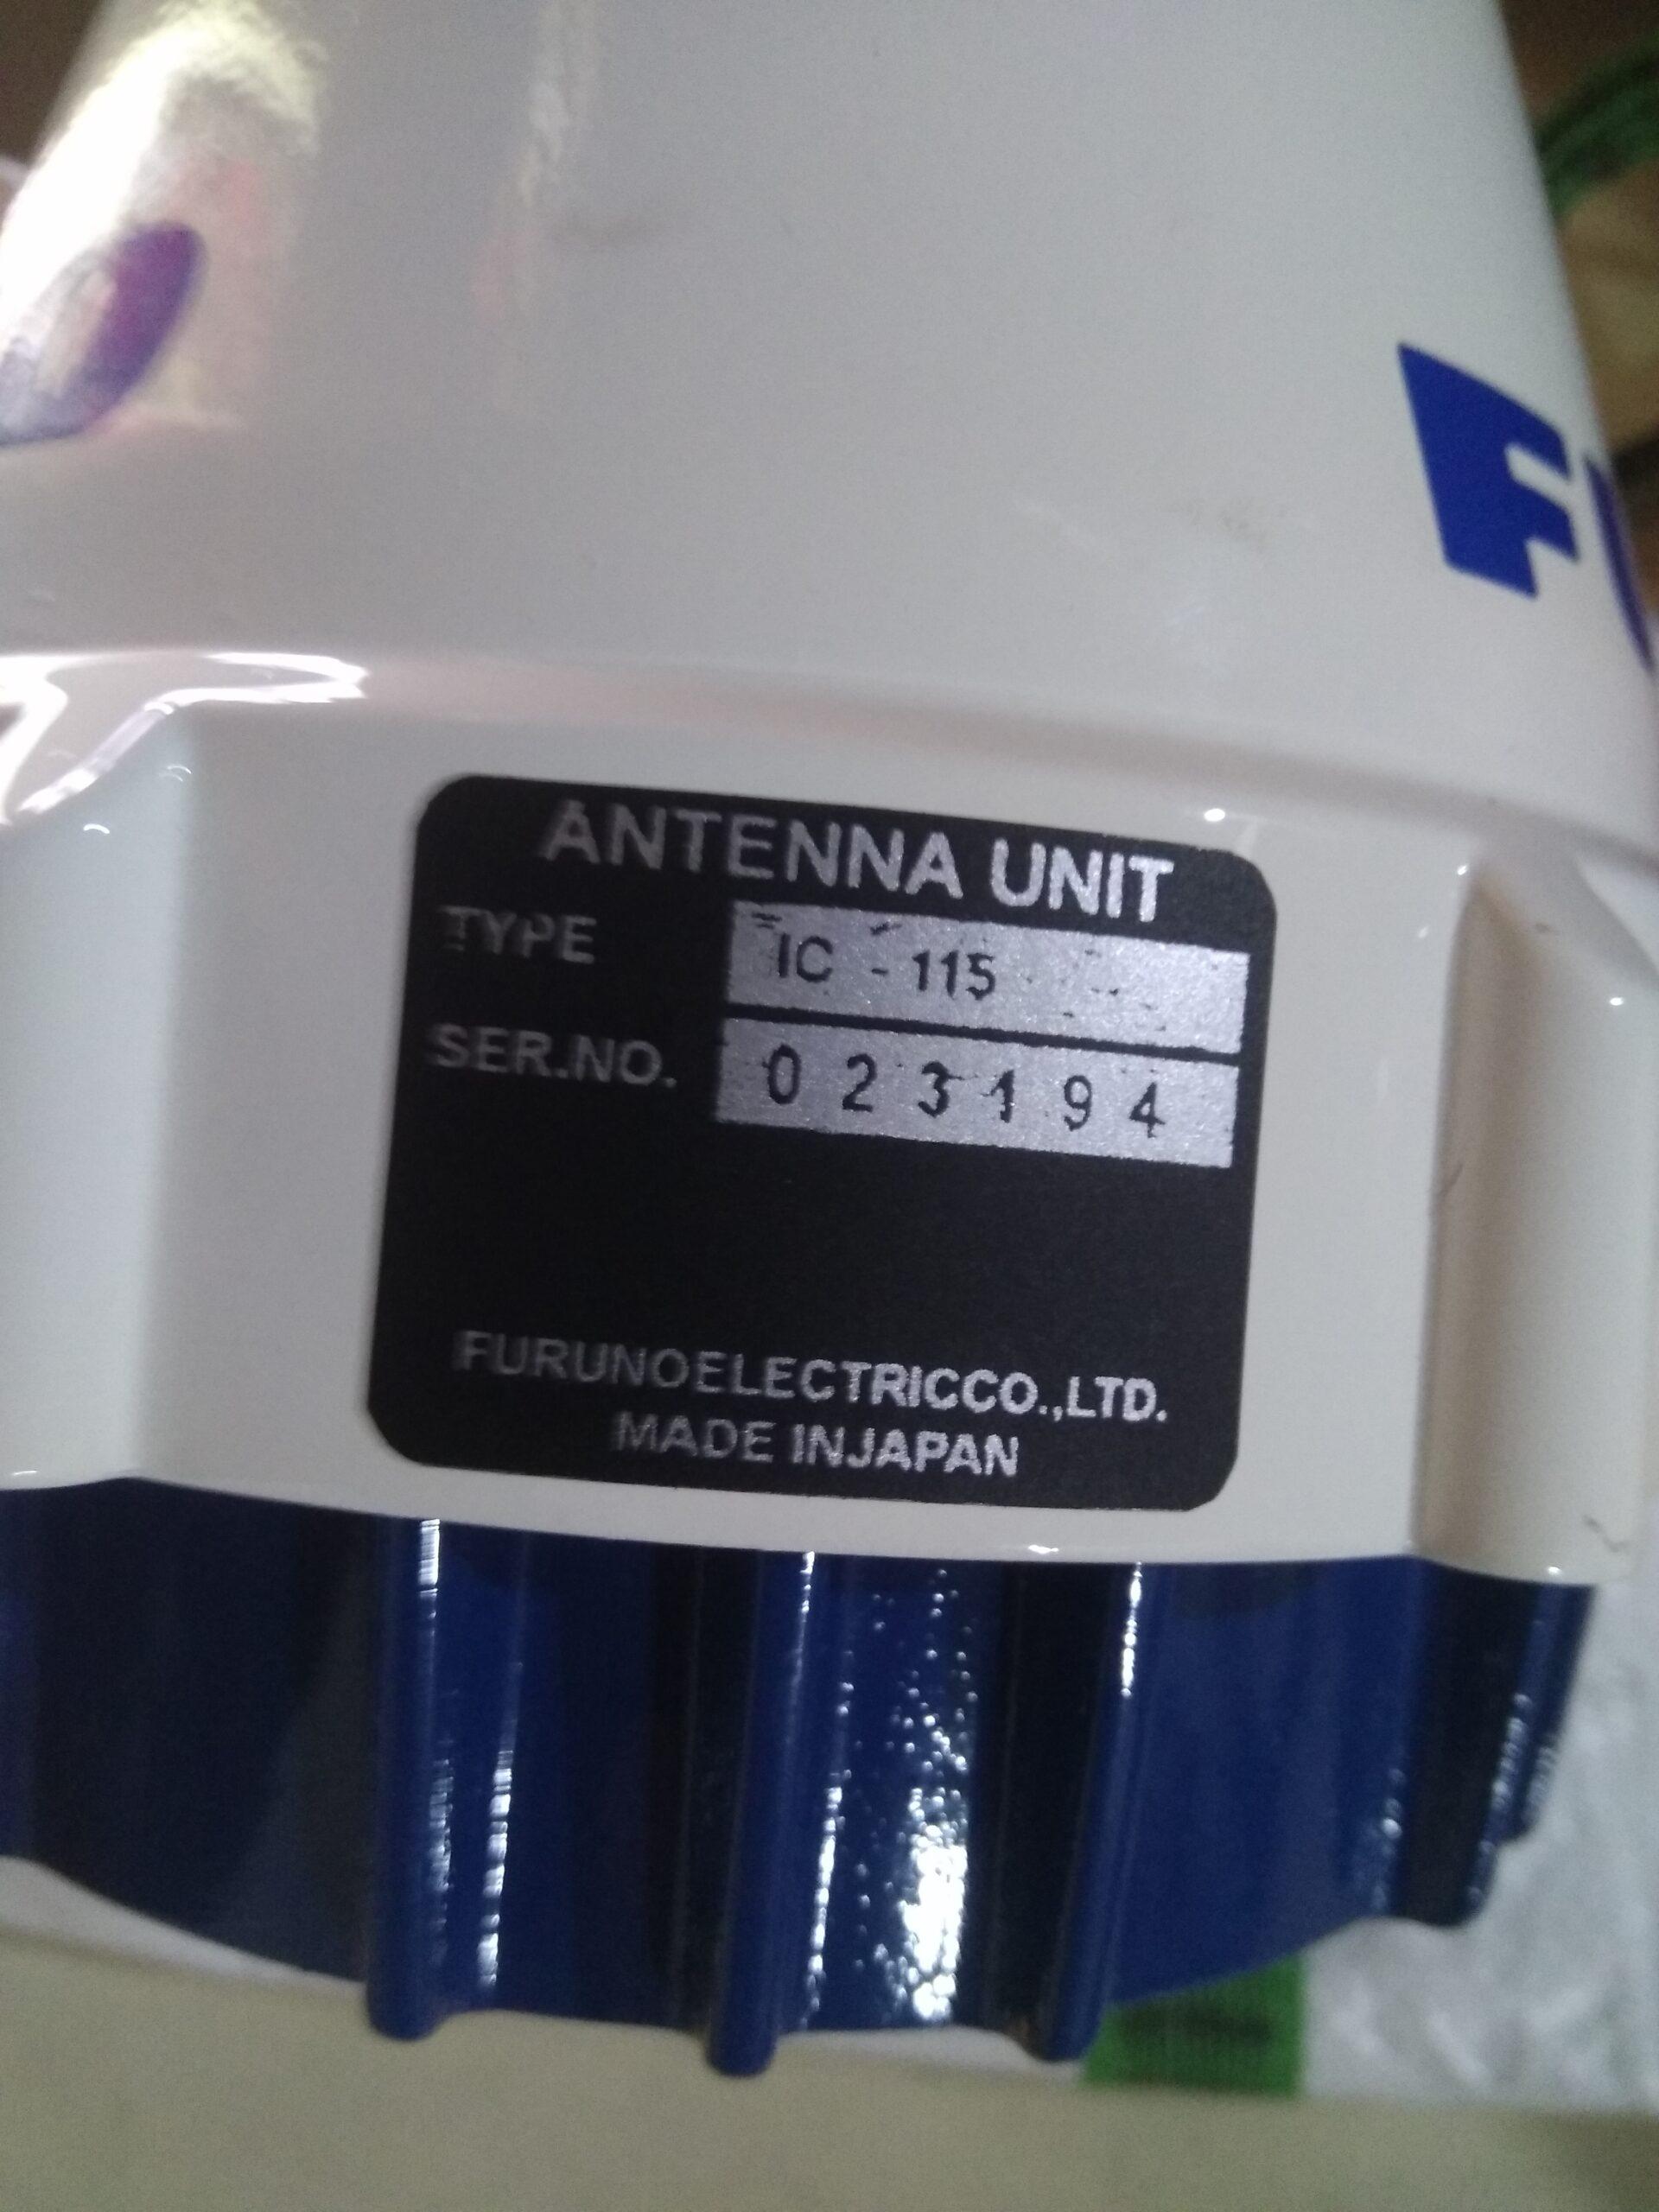 Antenna IC-115